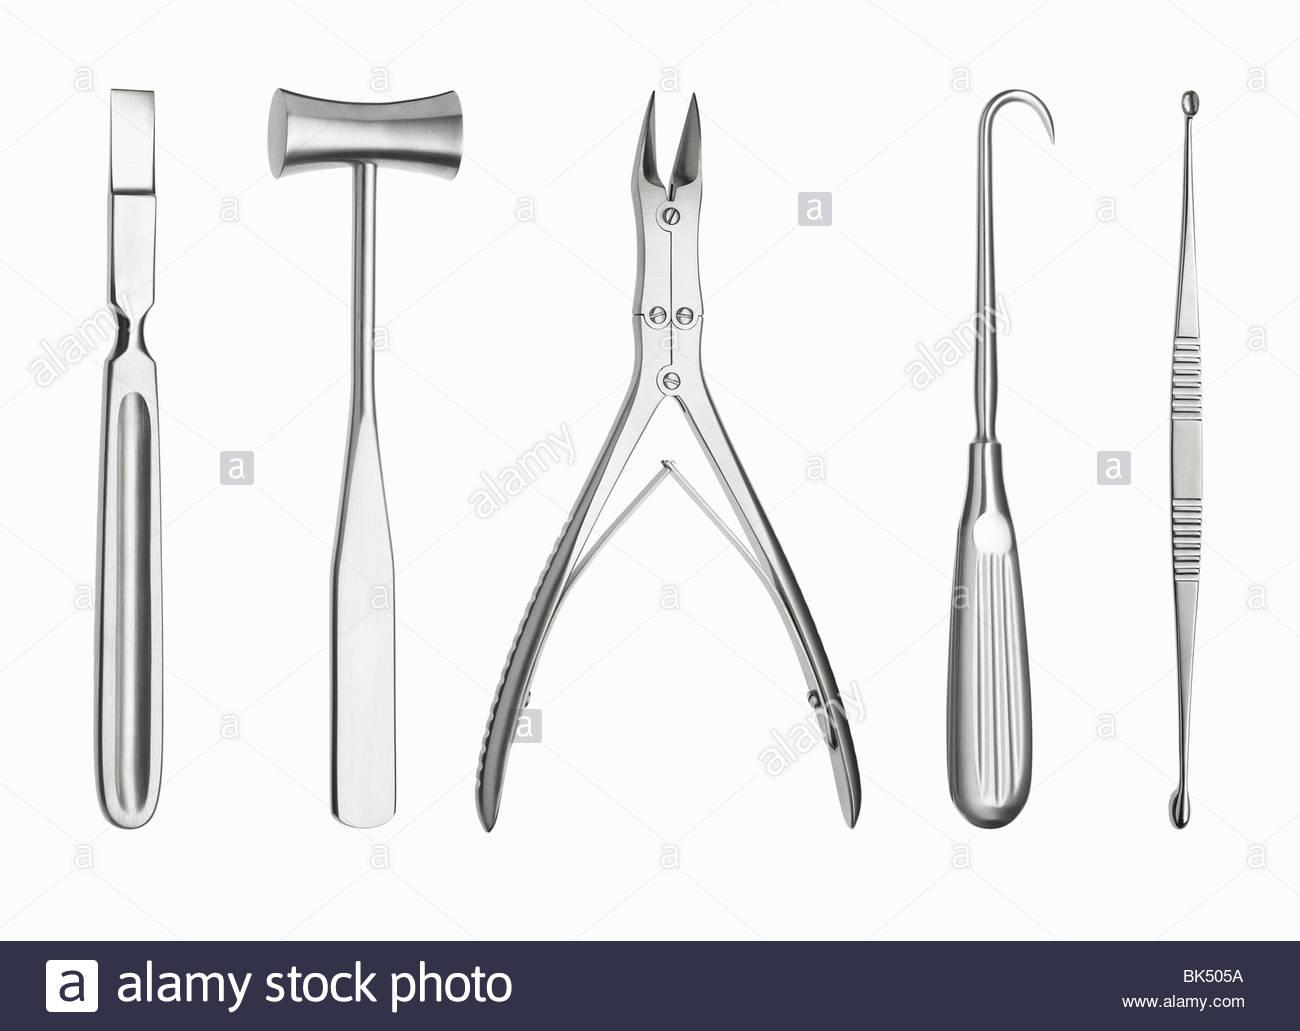 Chirurgische Instrumente in einer Reihe Stockbild